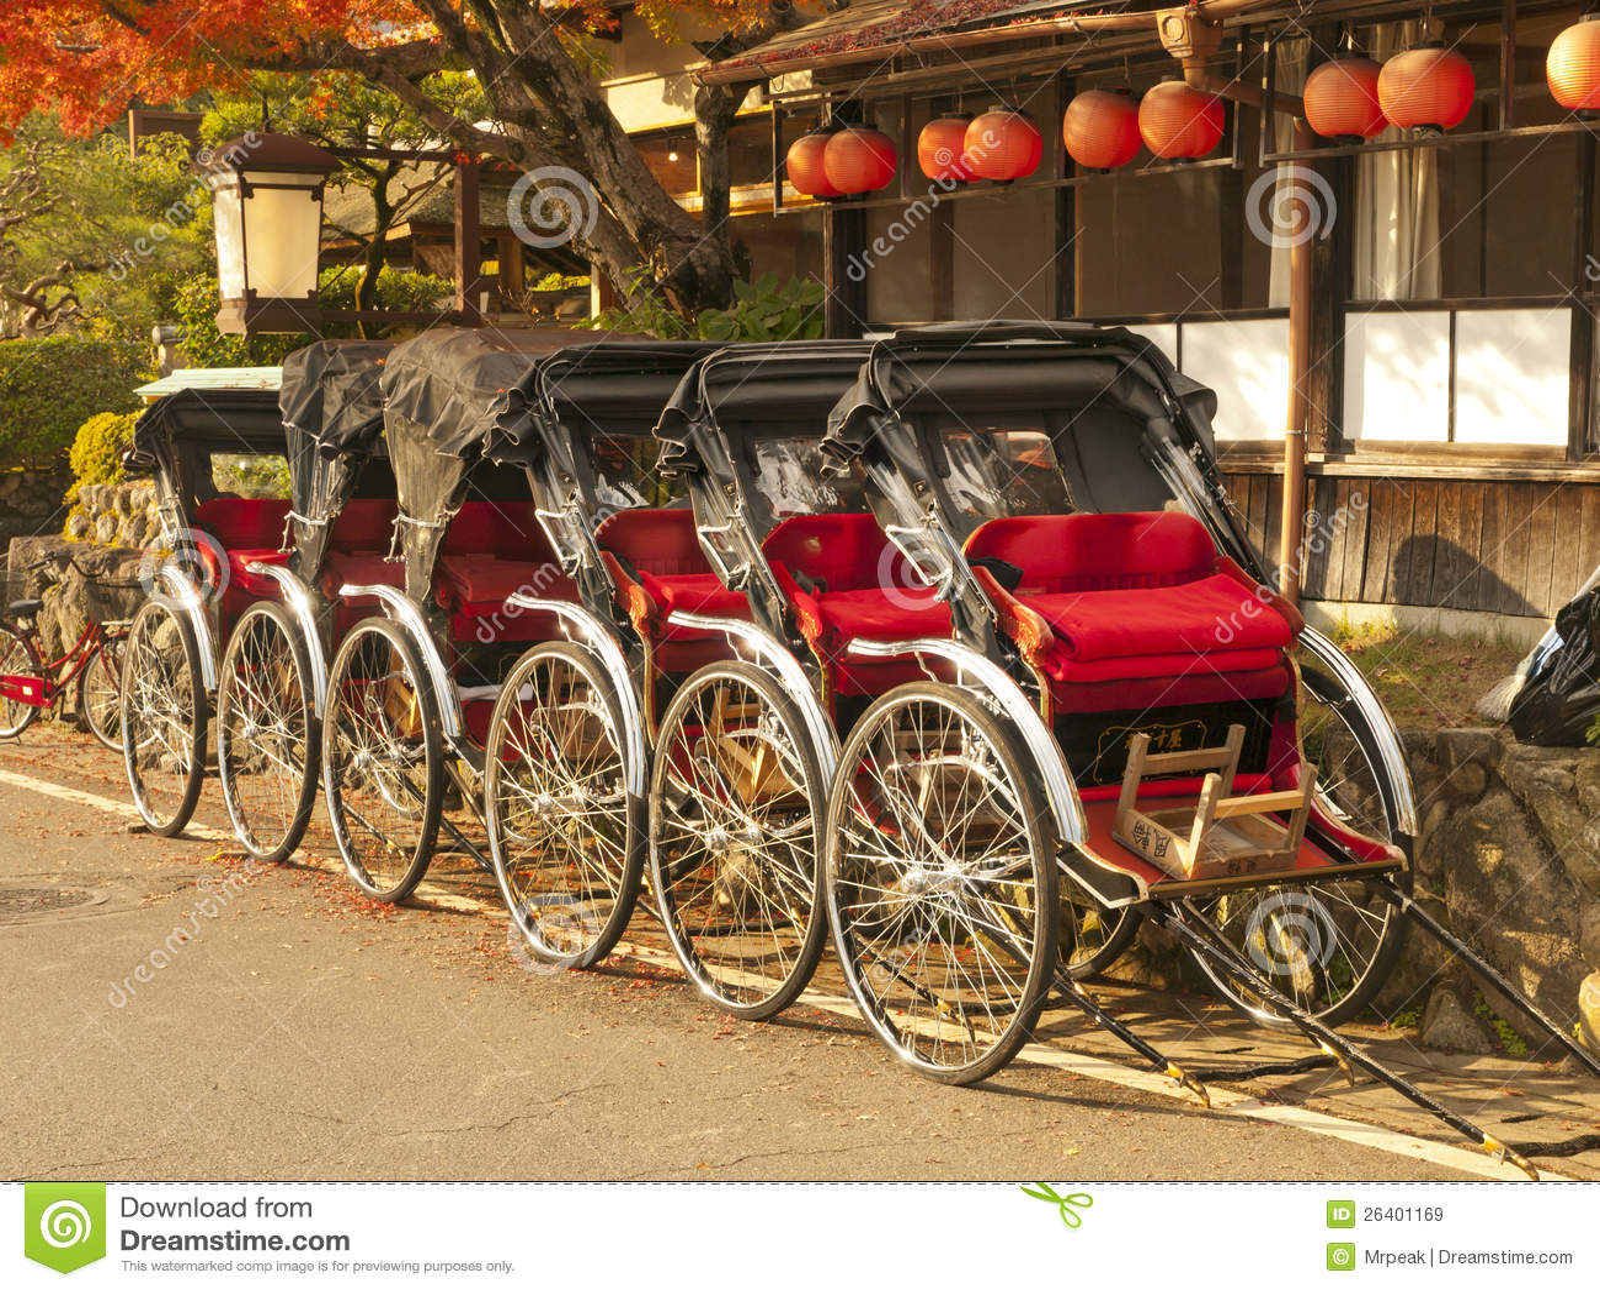 Rickshaws in Japan